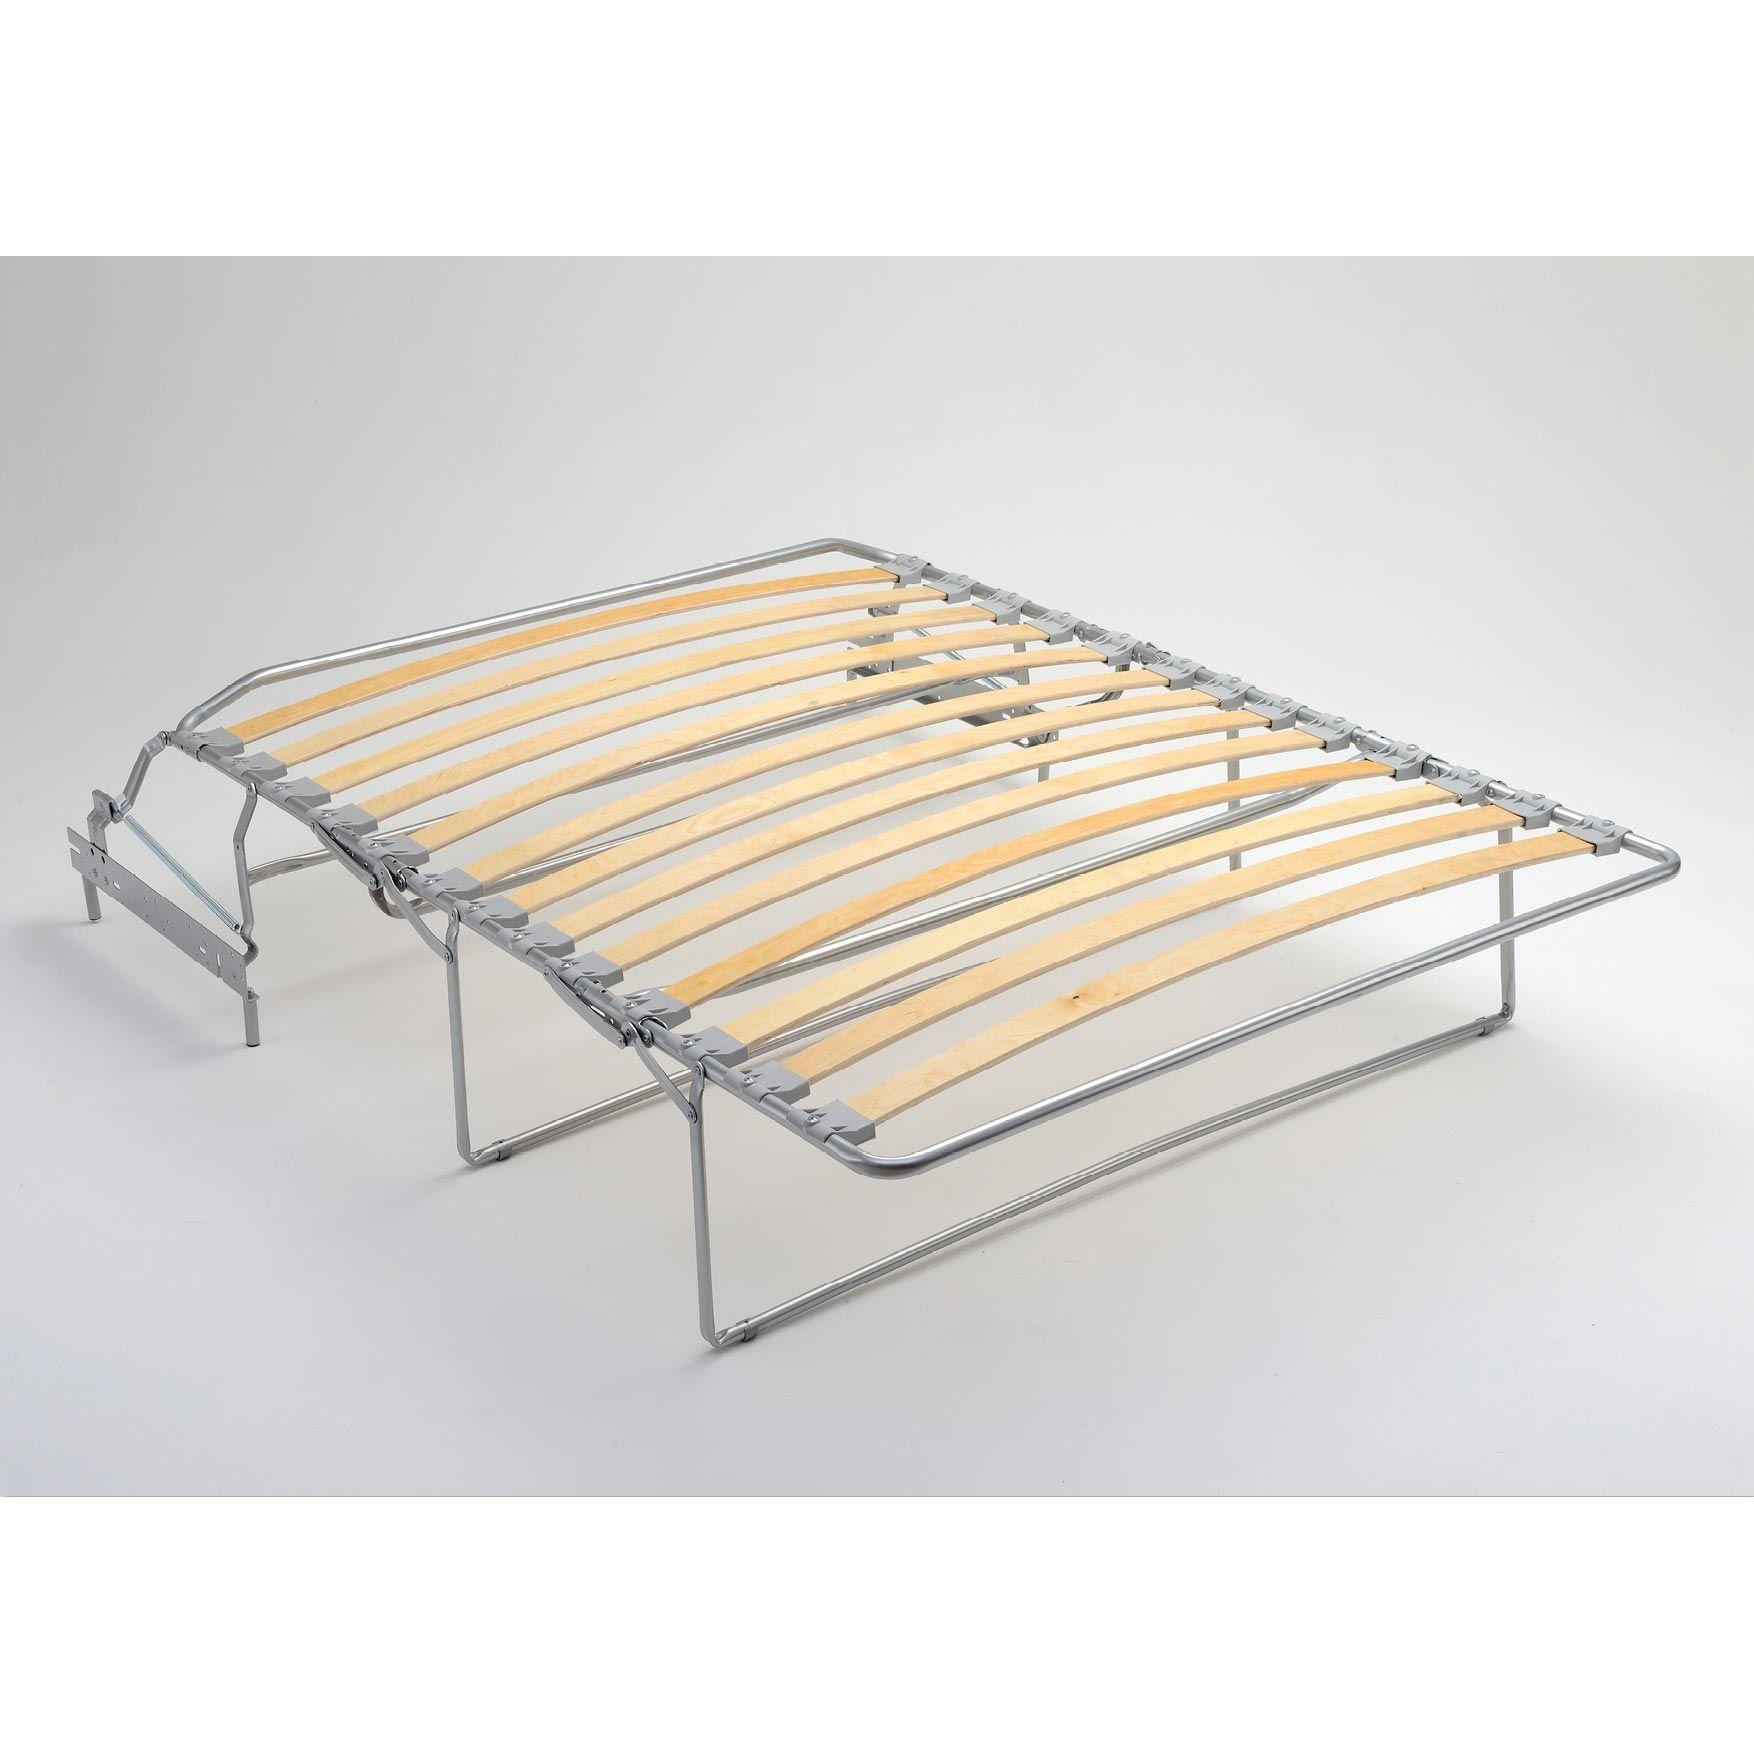 Reti materassi e trasformabili reti per divano letto - Divano letto con doghe ...